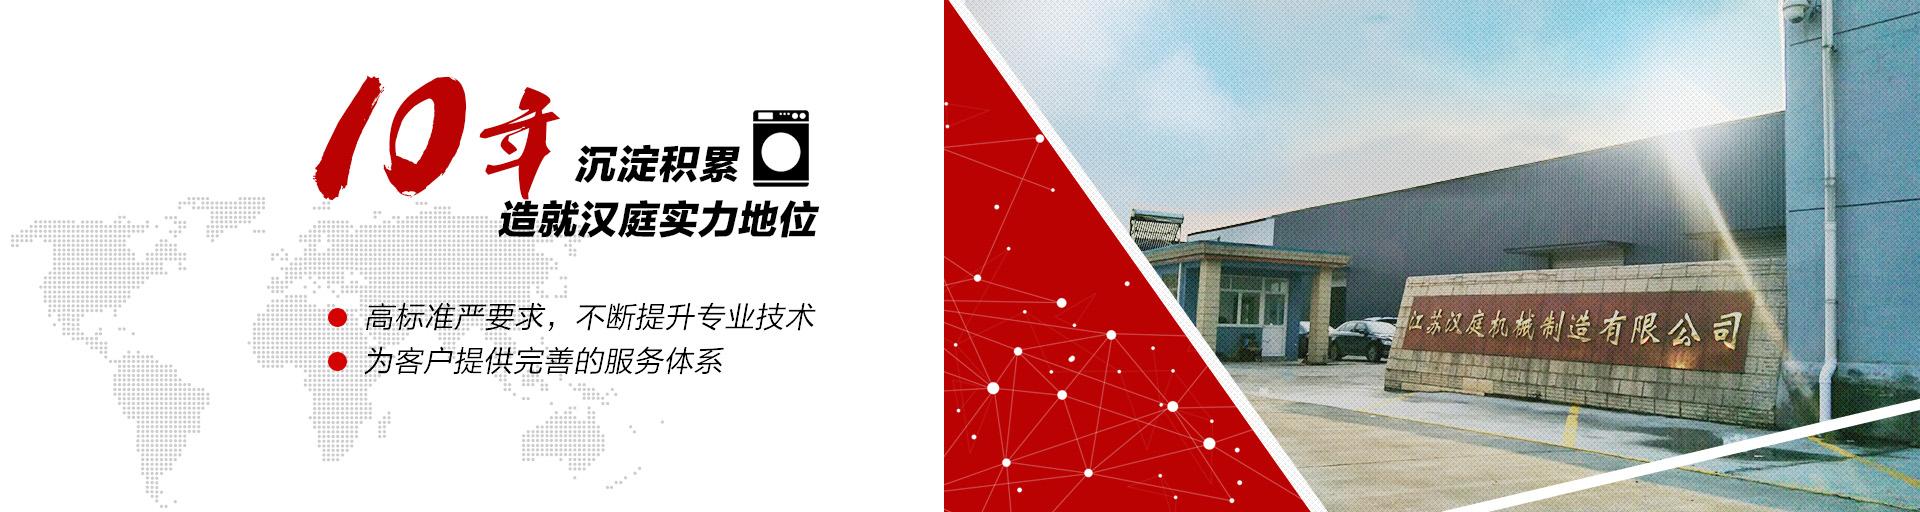 万博国际博彩最新版下载万博manbetx手机登陆手机登陆设备